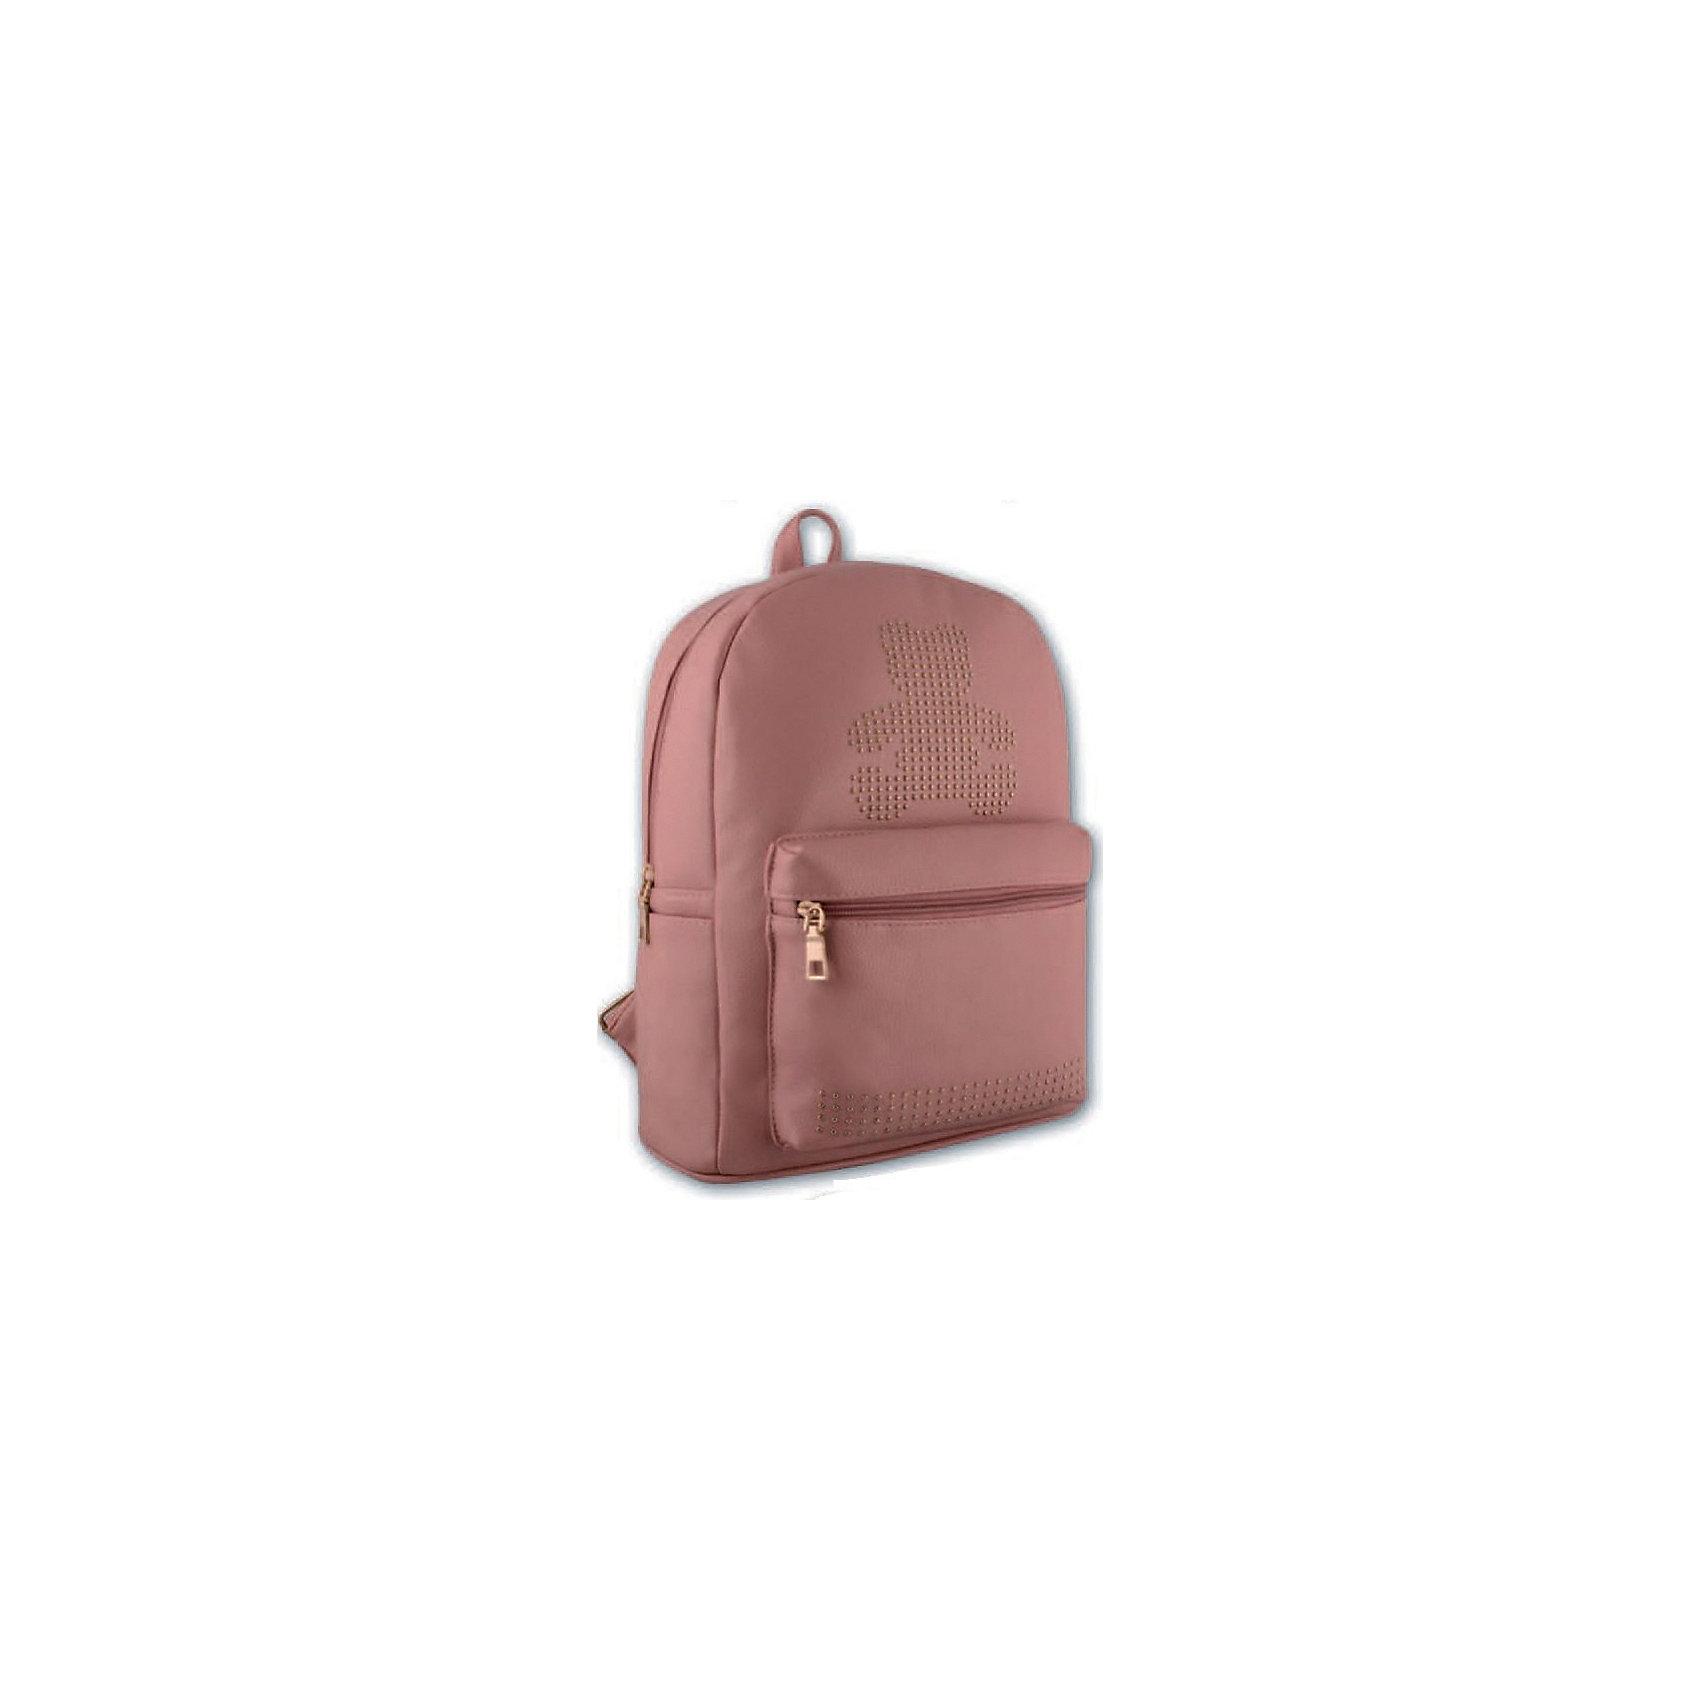 Рюкзак молодежный Феникс+, розовый с мишкойРюкзаки<br>Рюкзак молодежный РОЗОВЫЙ С МИШКОЙ (35х26х16см, кожзам, уплотн. лямки с регулировкой, декор. метал. заклепками, 1 фронт. и 2 бок. кармана, индив. ПЭТ-пакет)<br><br>Ширина мм: 350<br>Глубина мм: 260<br>Высота мм: 160<br>Вес г: 690<br>Возраст от месяцев: 72<br>Возраст до месяцев: 2147483647<br>Пол: Унисекс<br>Возраст: Детский<br>SKU: 7046418